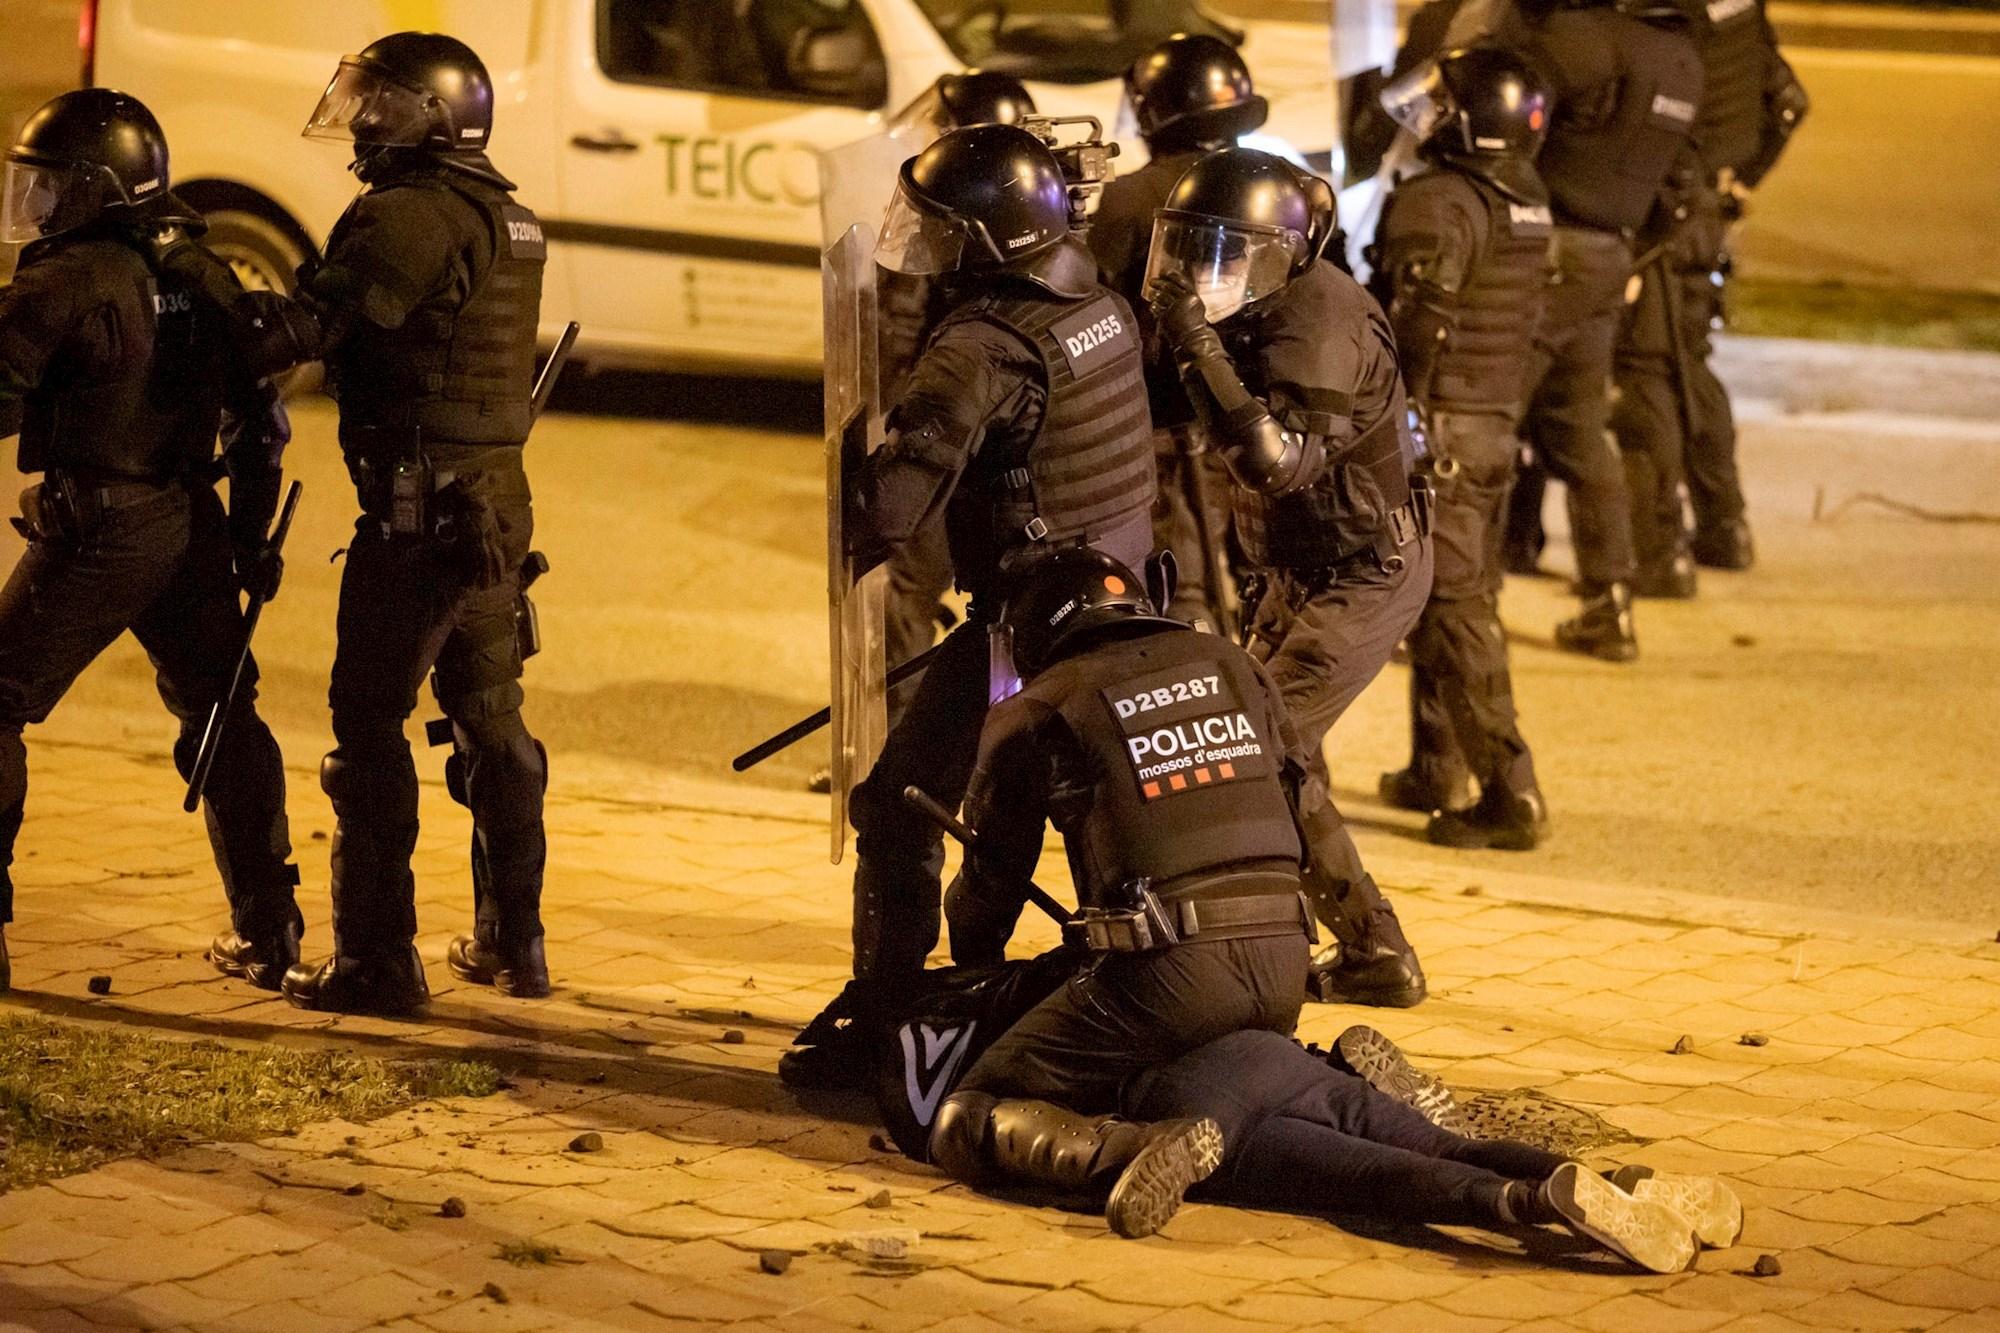 Los Mossos d'Esquadra efectúan una detención durante los disturbios posteriores a la manifestación celebrada este viernes en Girona en protesta por la detención del rapero Pablo Hasél, acusado de delitos de enaltecimiento del terrorismo e injurias a la Corona. EFE/Toni Vilches